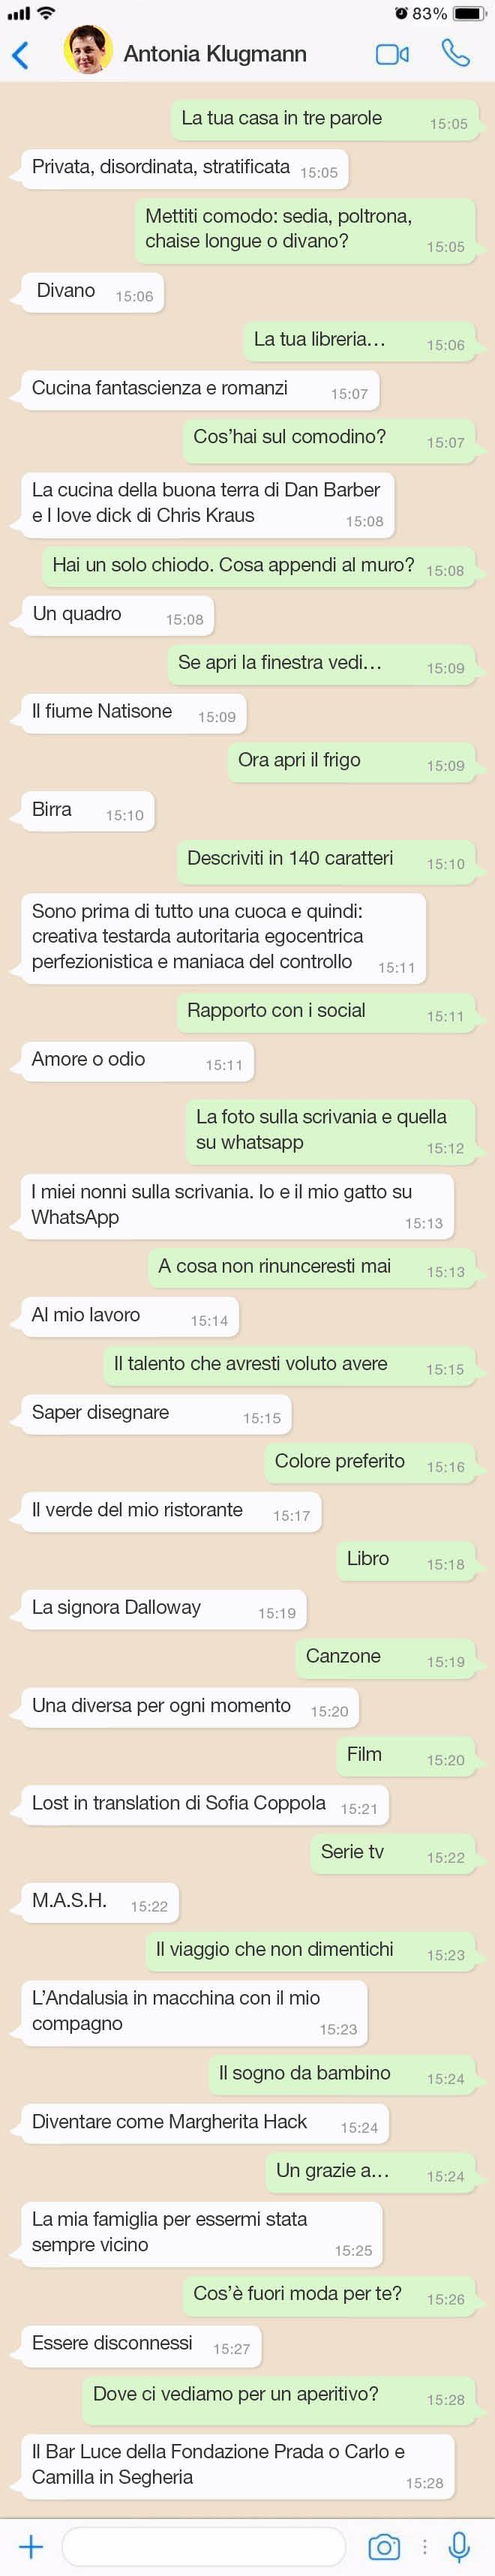 whatsapp-klugmann